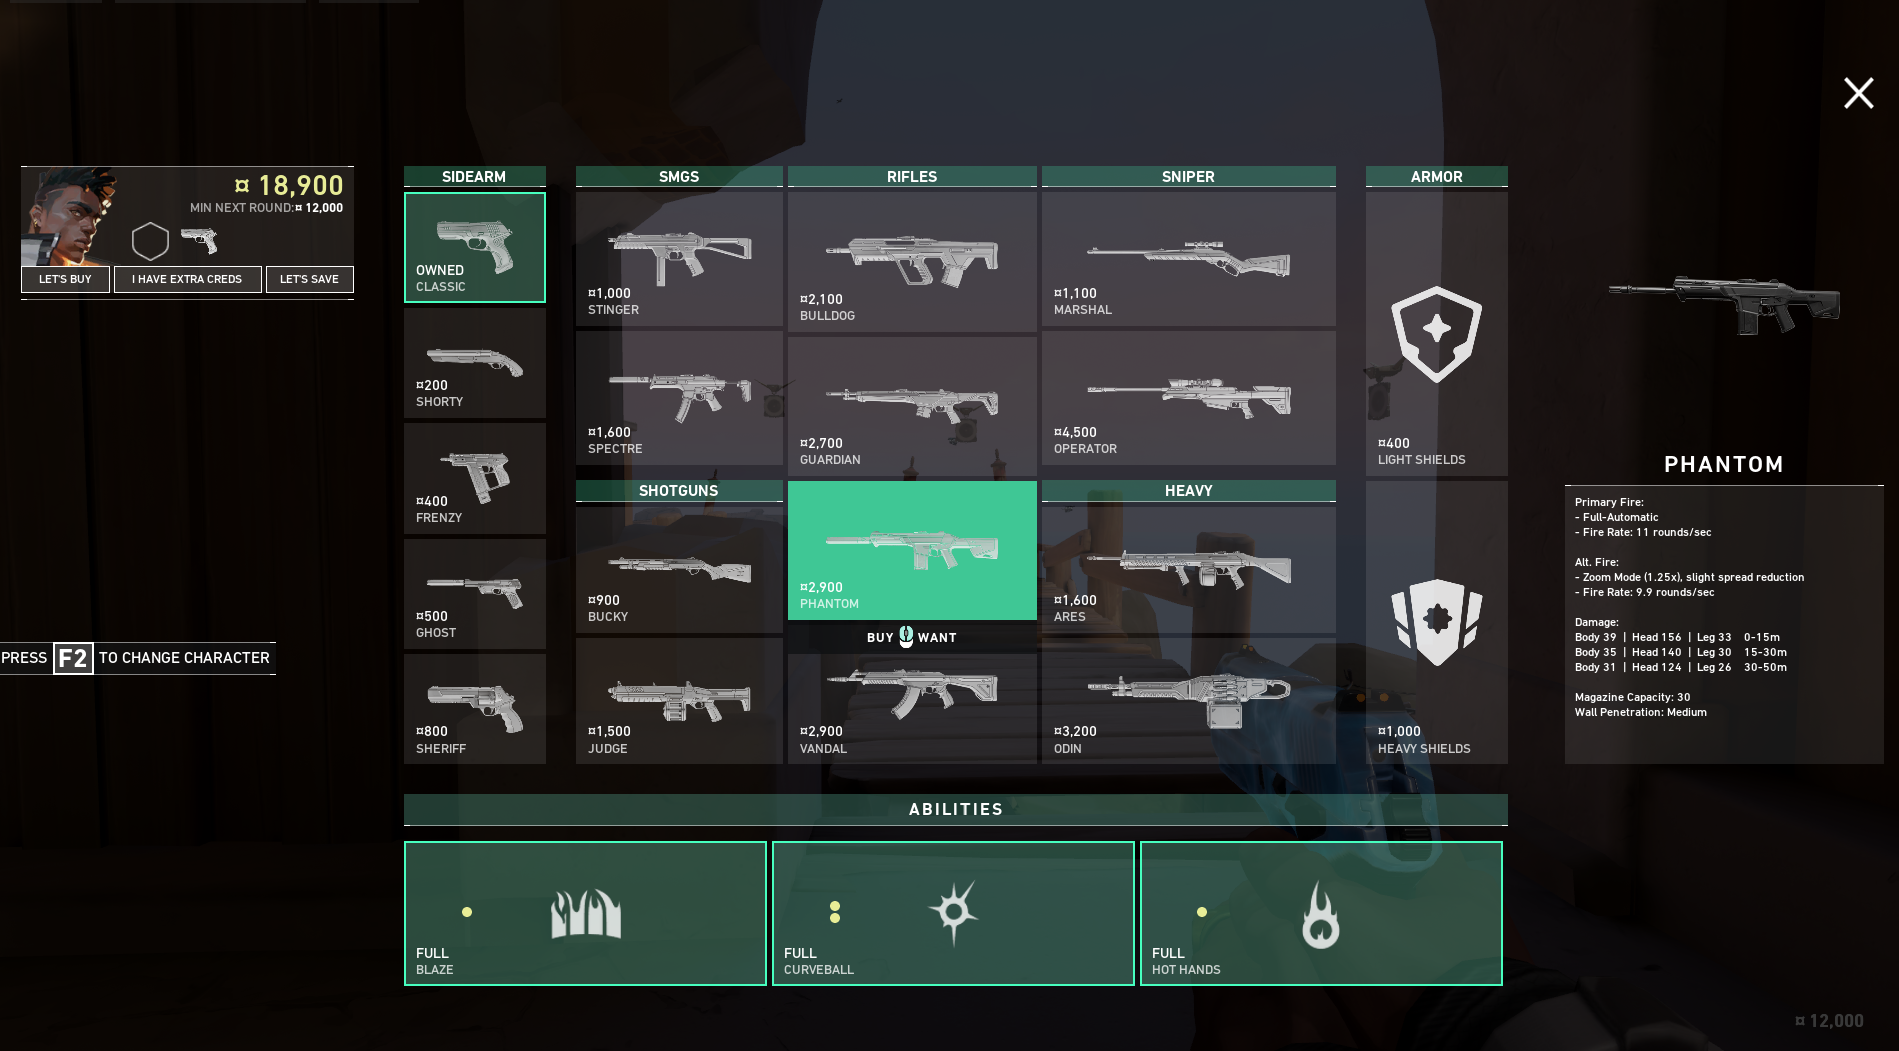 Meilleurs fusils Valorant - Phantom